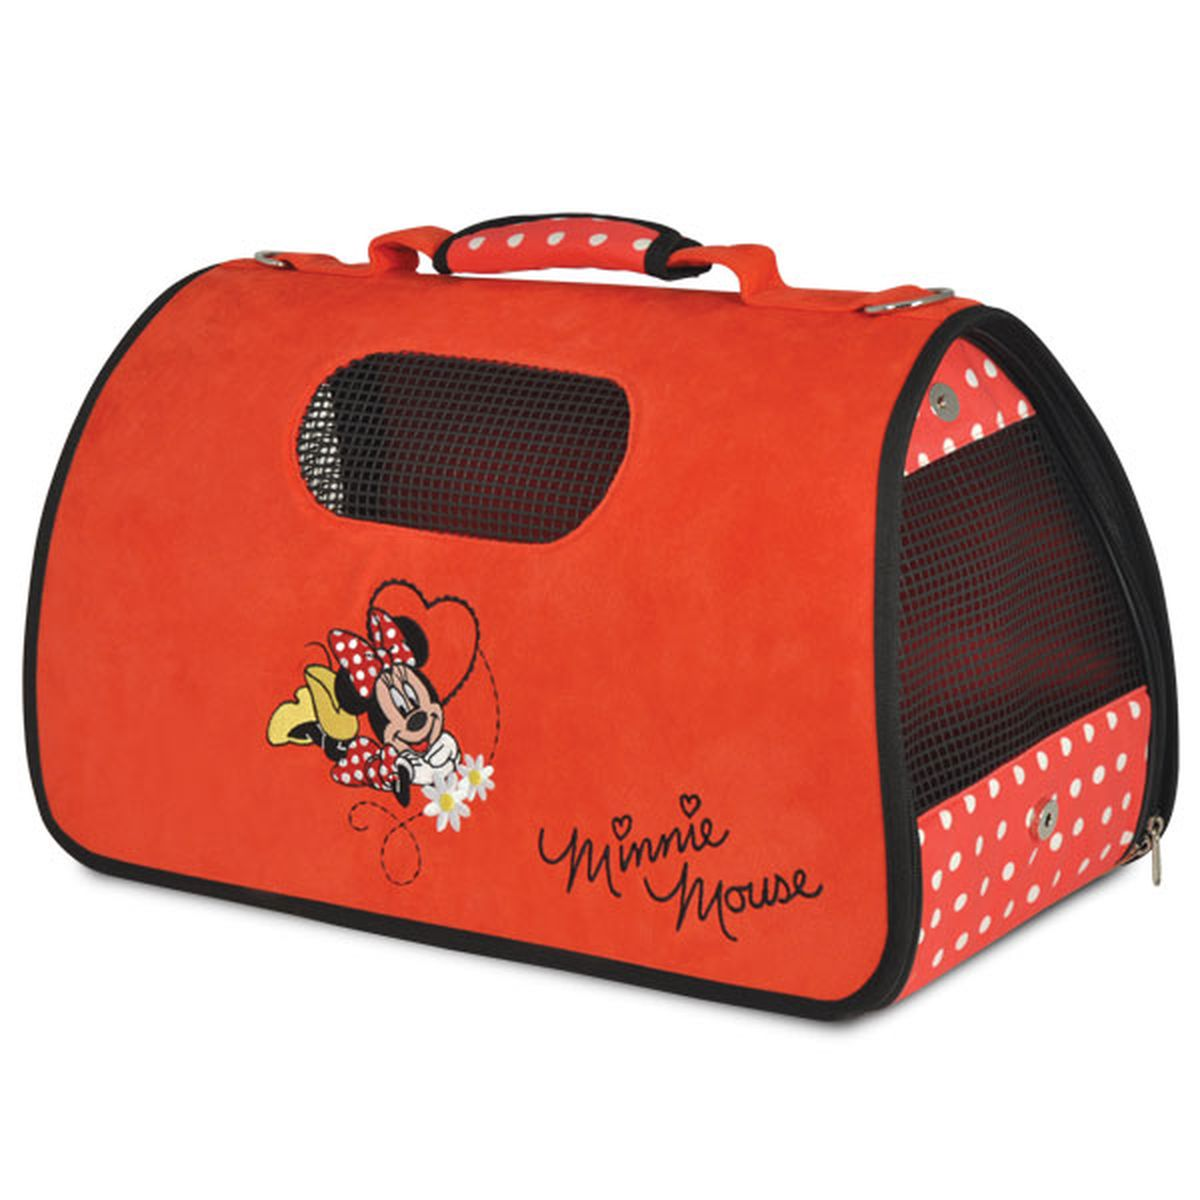 Сумка-переноска для животных Triol Disney Minnie, цвет: красный, черный, 50 х 28 х 29 смWD3007Складная, удобная в использовании сумка-переноска Triol Disney Minnie, изготовлена из мягкого велюра с изображением известного персонажа Minnie. Сумка отлично держит форму. Открывается при помощи молнии с двух сторон. Пластиковые ножки на дне сумки позволяют ставить ее на любую поверхность, не пачкая дно. Вентиляционные окна прорезинены, располагаются сбоку и сверху, обеспечивают достаточное количество воздуха для питомца. Один из боков сумки можно сделать открытым для головы вашего питомца. При этом в целях безопасности используйте поводок-фиксатор (идет в комплекте с сумкой). К сумке также прилагается ремень с тканевым бегунком, чтобы носить её на плече. Сумка поставляется в полипропиленовом пакете на молнии с веревочными ручками, что очень удобно для хранения.Размер: 50 х 28 х 29 смПрикольные переноски, которые наверняка понравятся питомцу. Статья OZON Гид